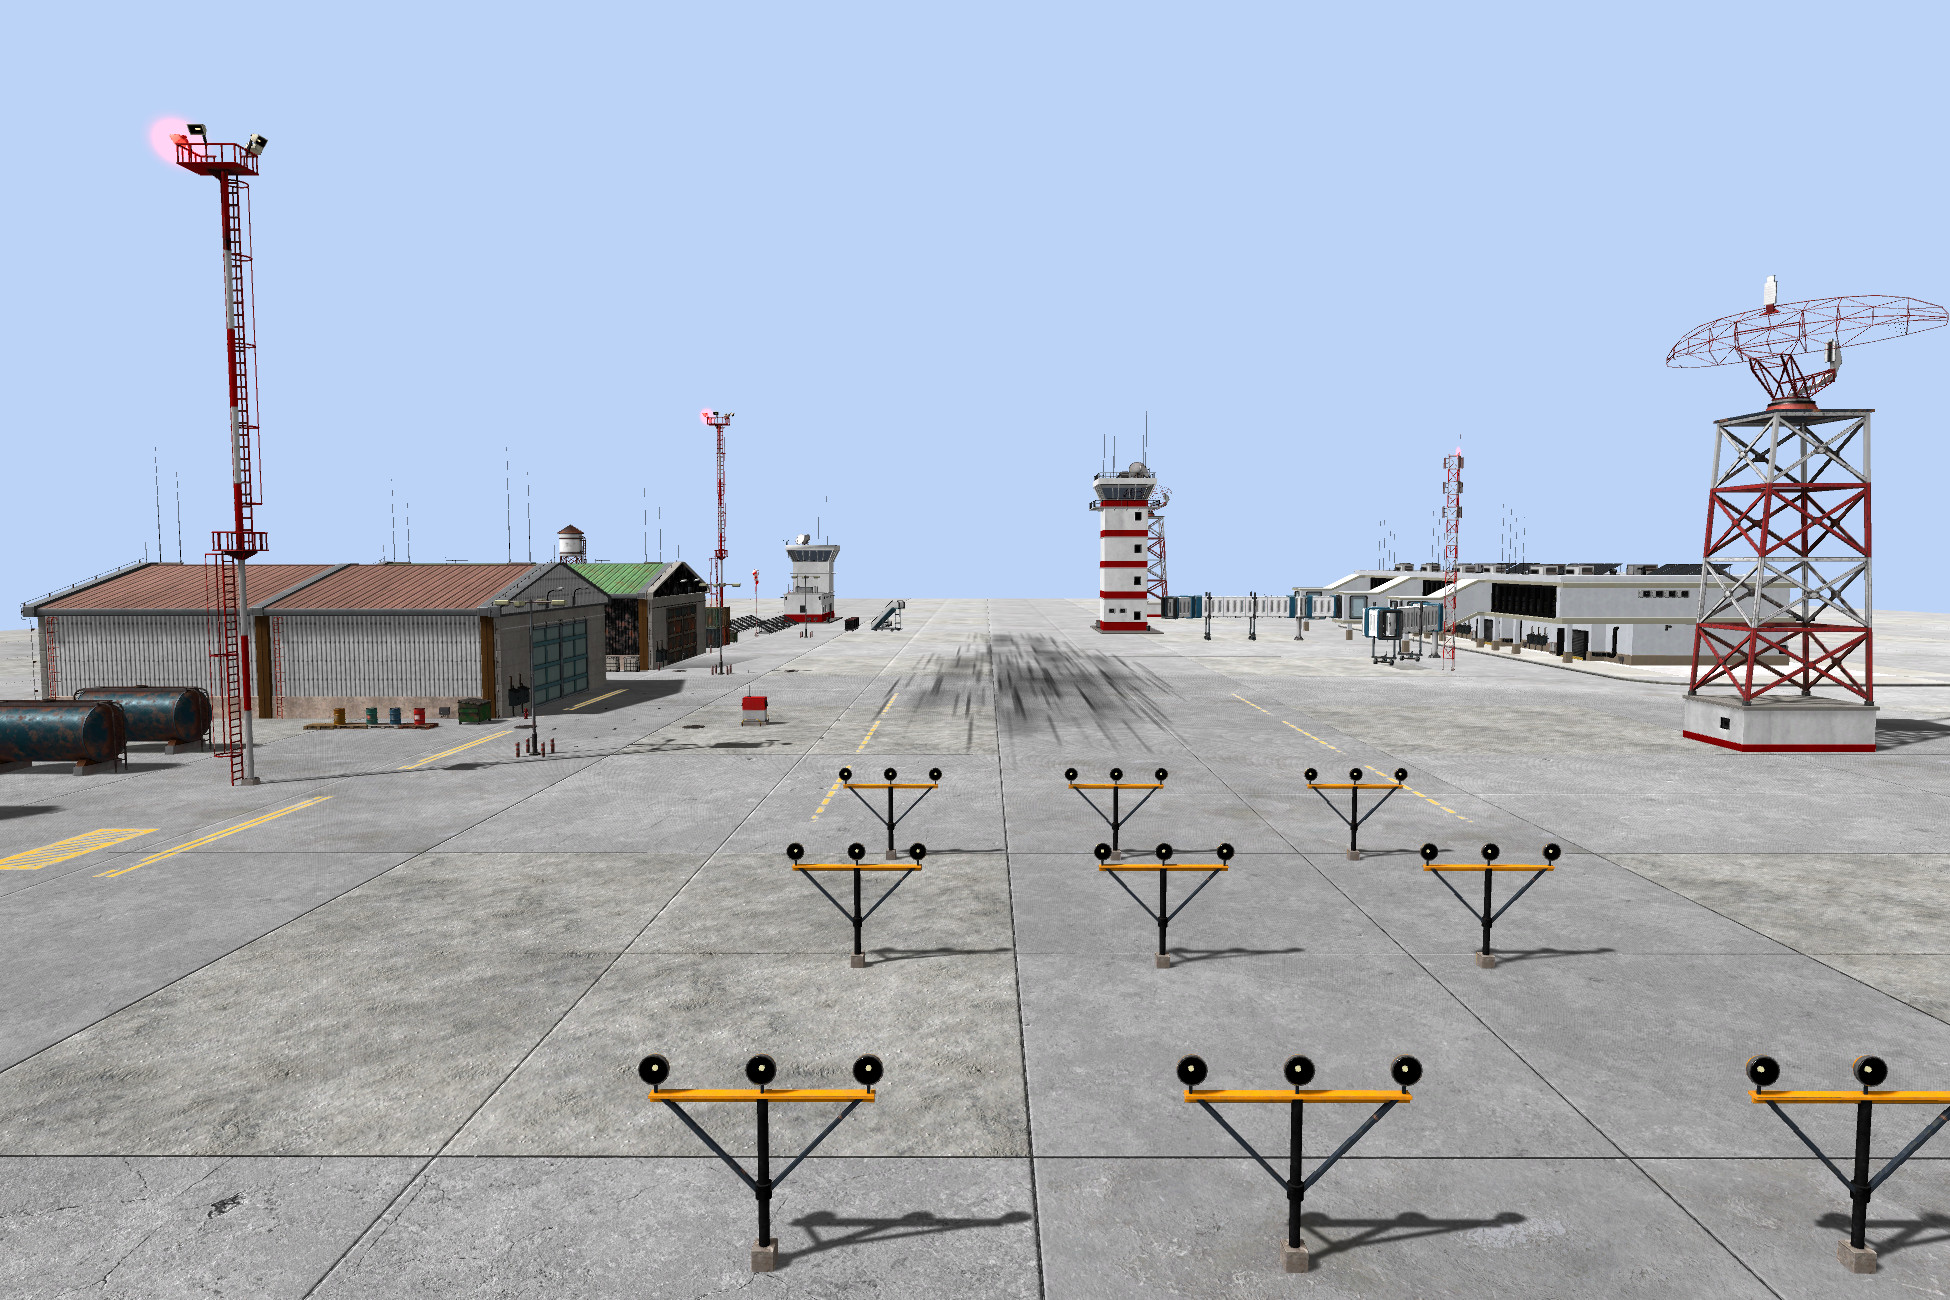 Modular Airport Set